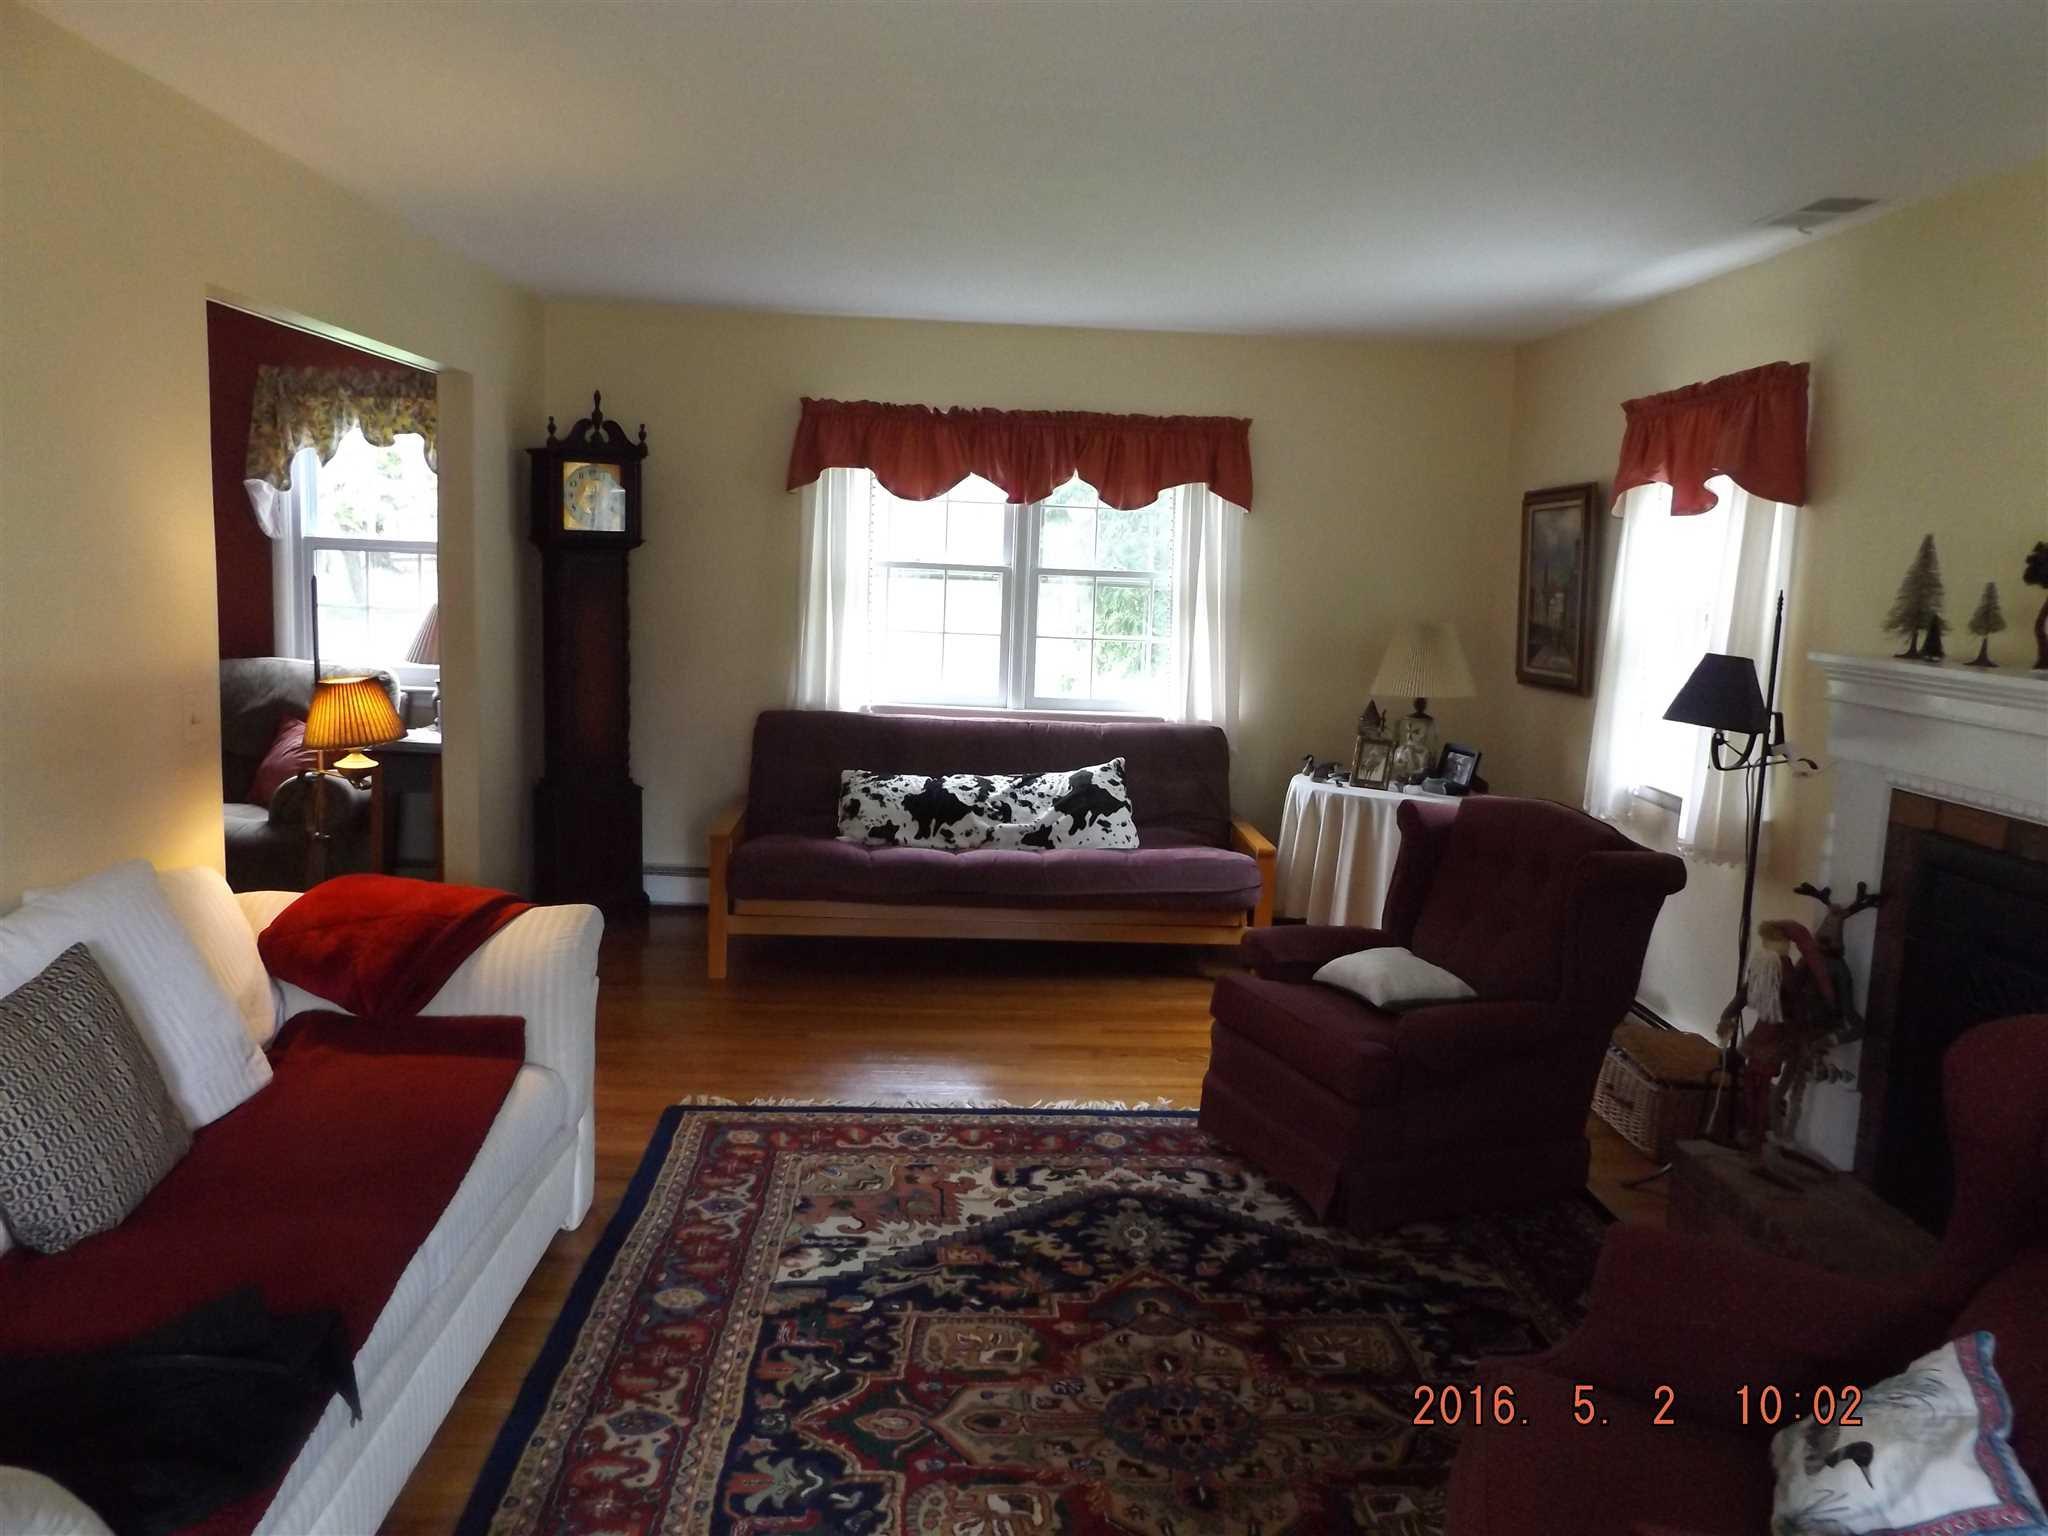 6 Doran Drive, East Fishkill, NY 12533